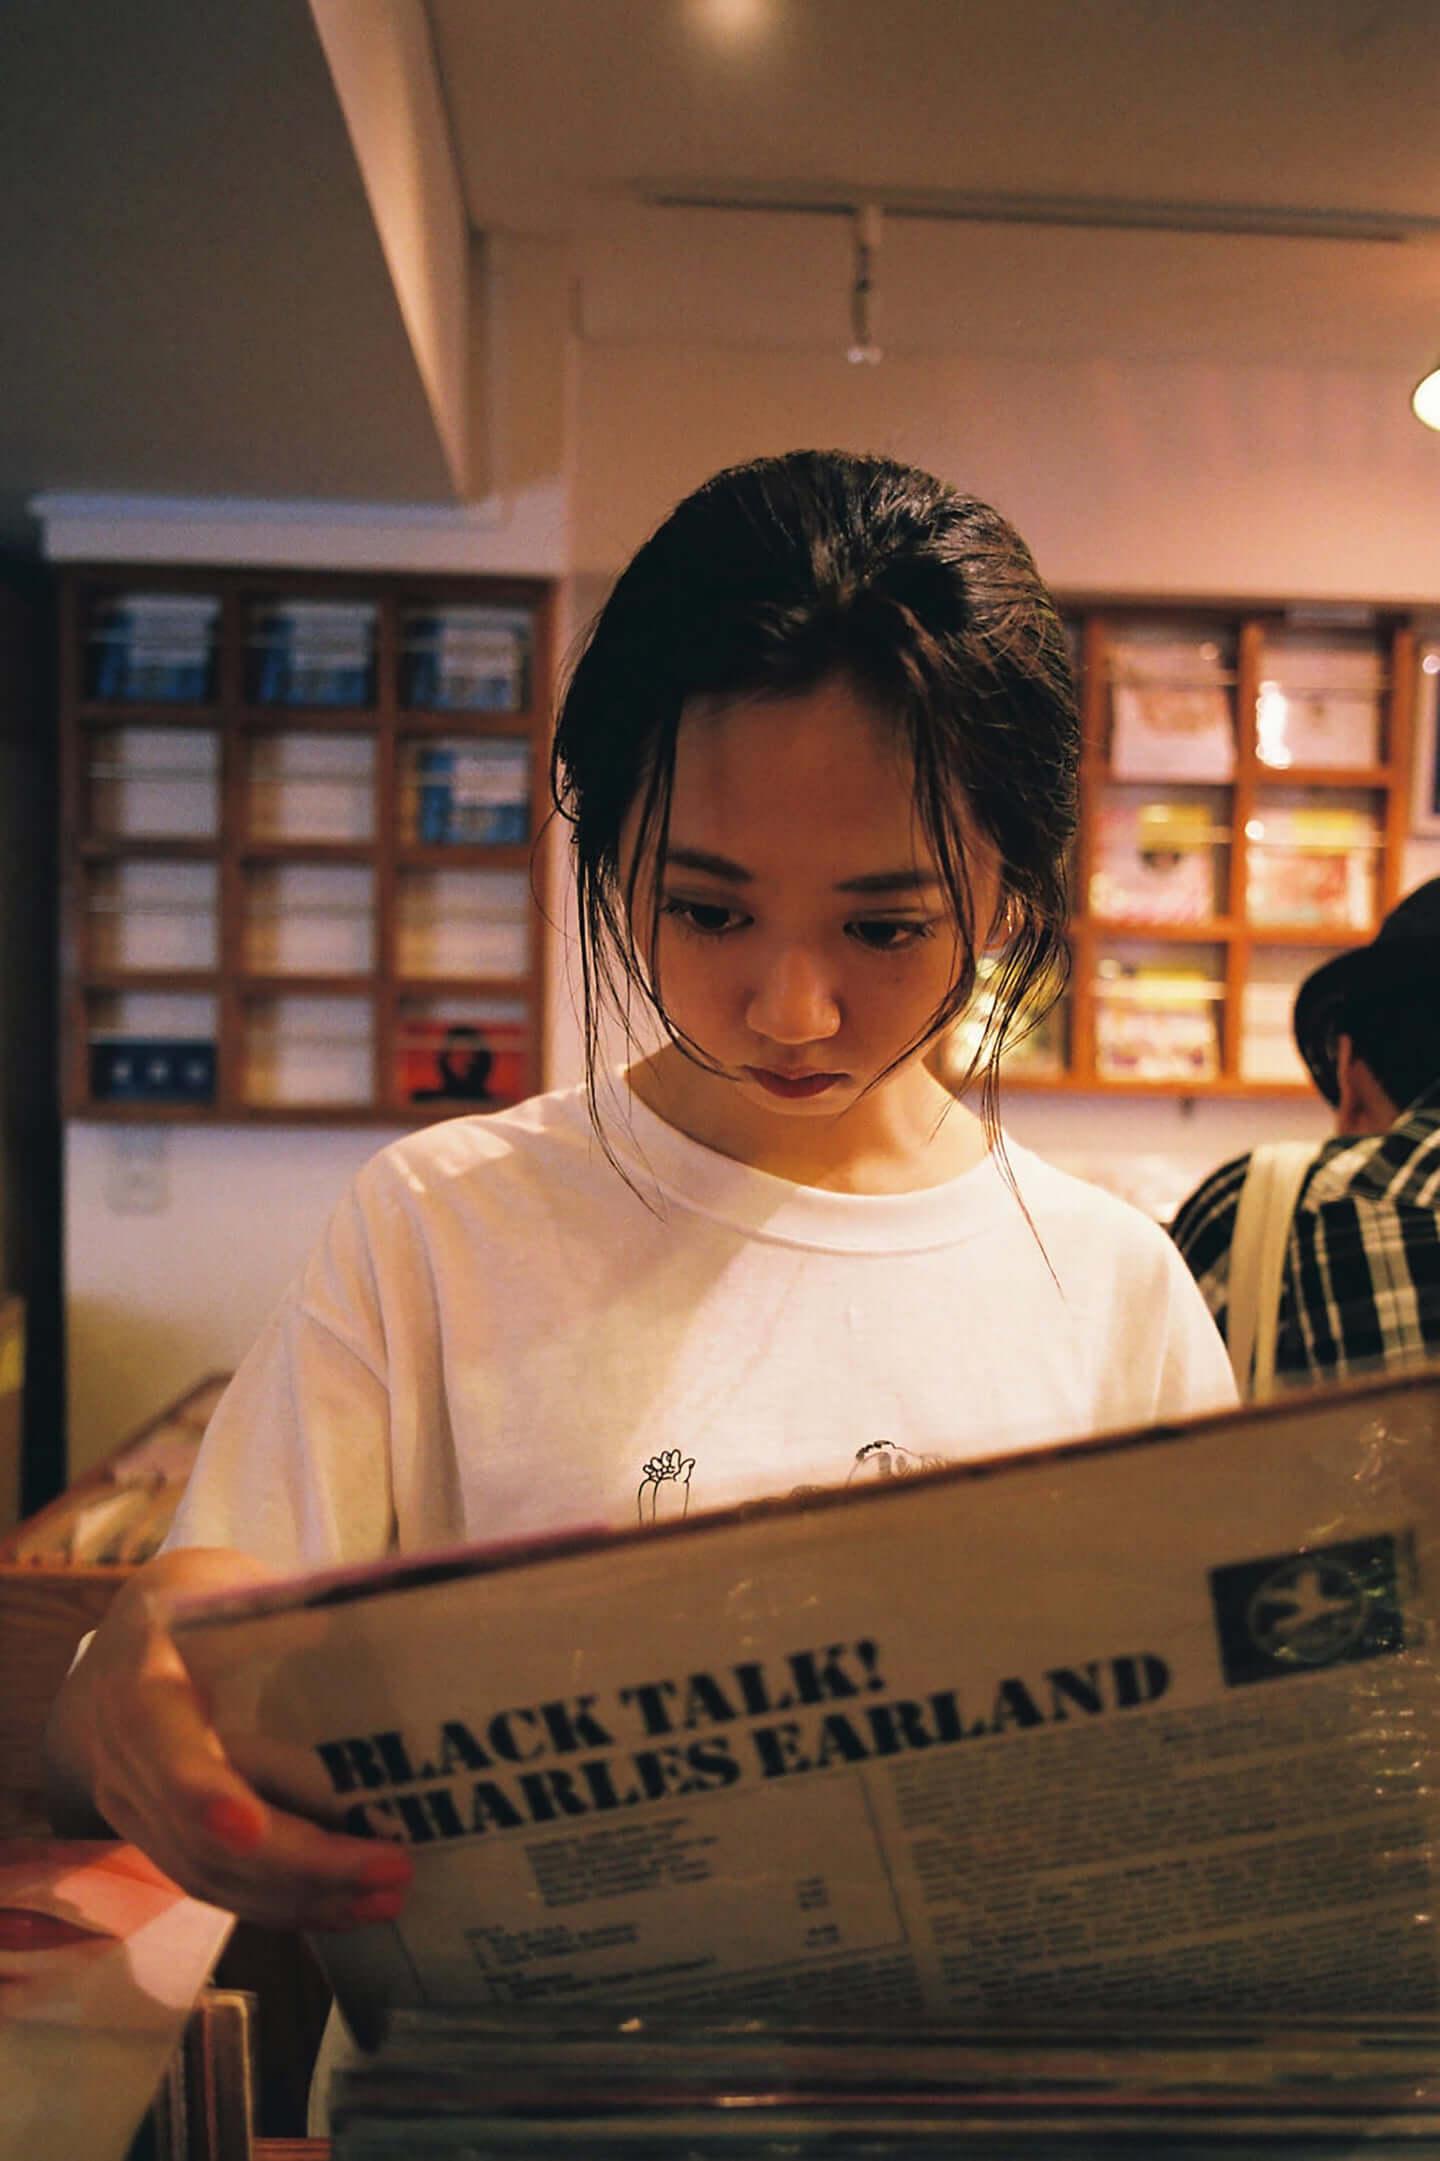 ルイ・ベガとケニー・ドープによる<MASTERS AT WORK in JAPAN>の第二弾ラインナップが発表|CAPTAIN VINYL、Kan Takagi、Kaoru Inoueらが登場 03_Mayu_Kakihata-1440x2161